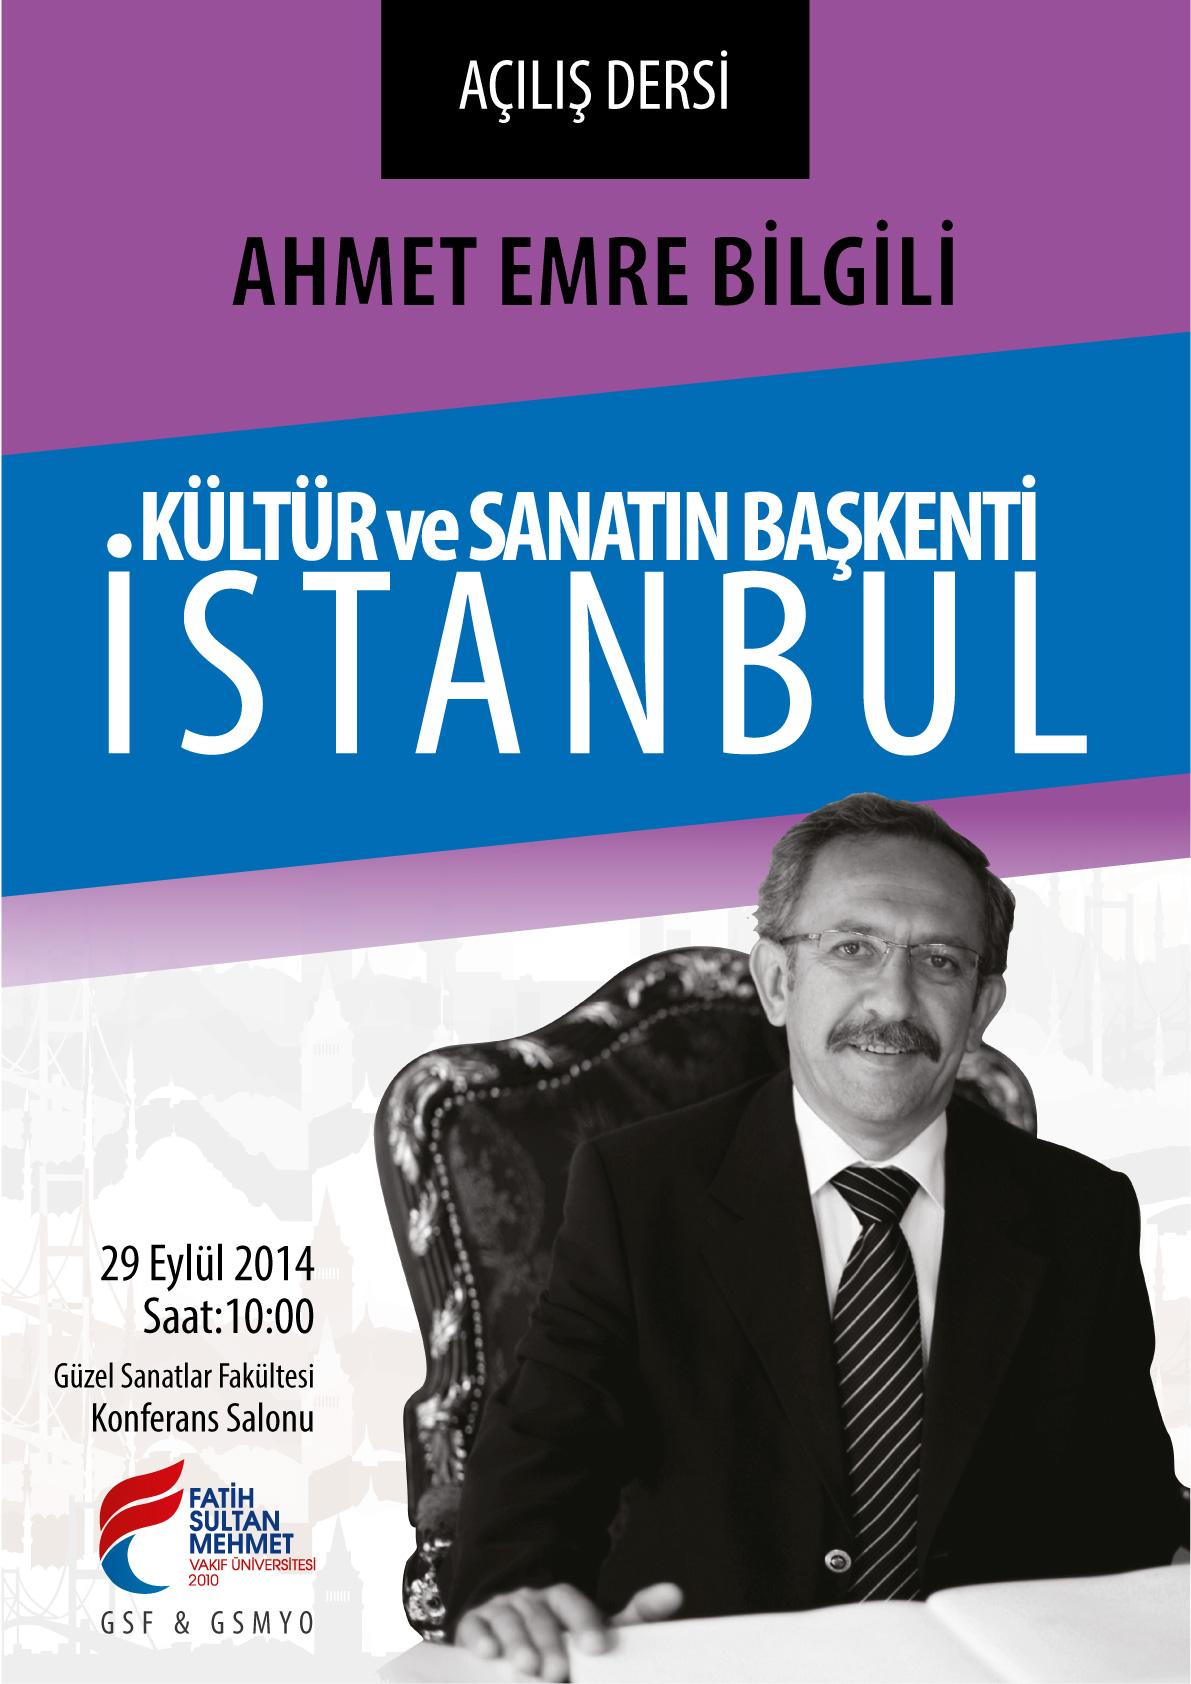 http://gsmyo.fatihsultan.edu.tr/resimler/upload/Kultur-ve-Sanatin-Baskenti-Istanbul-Konulu-Acilis-Dersi-1240914.jpg